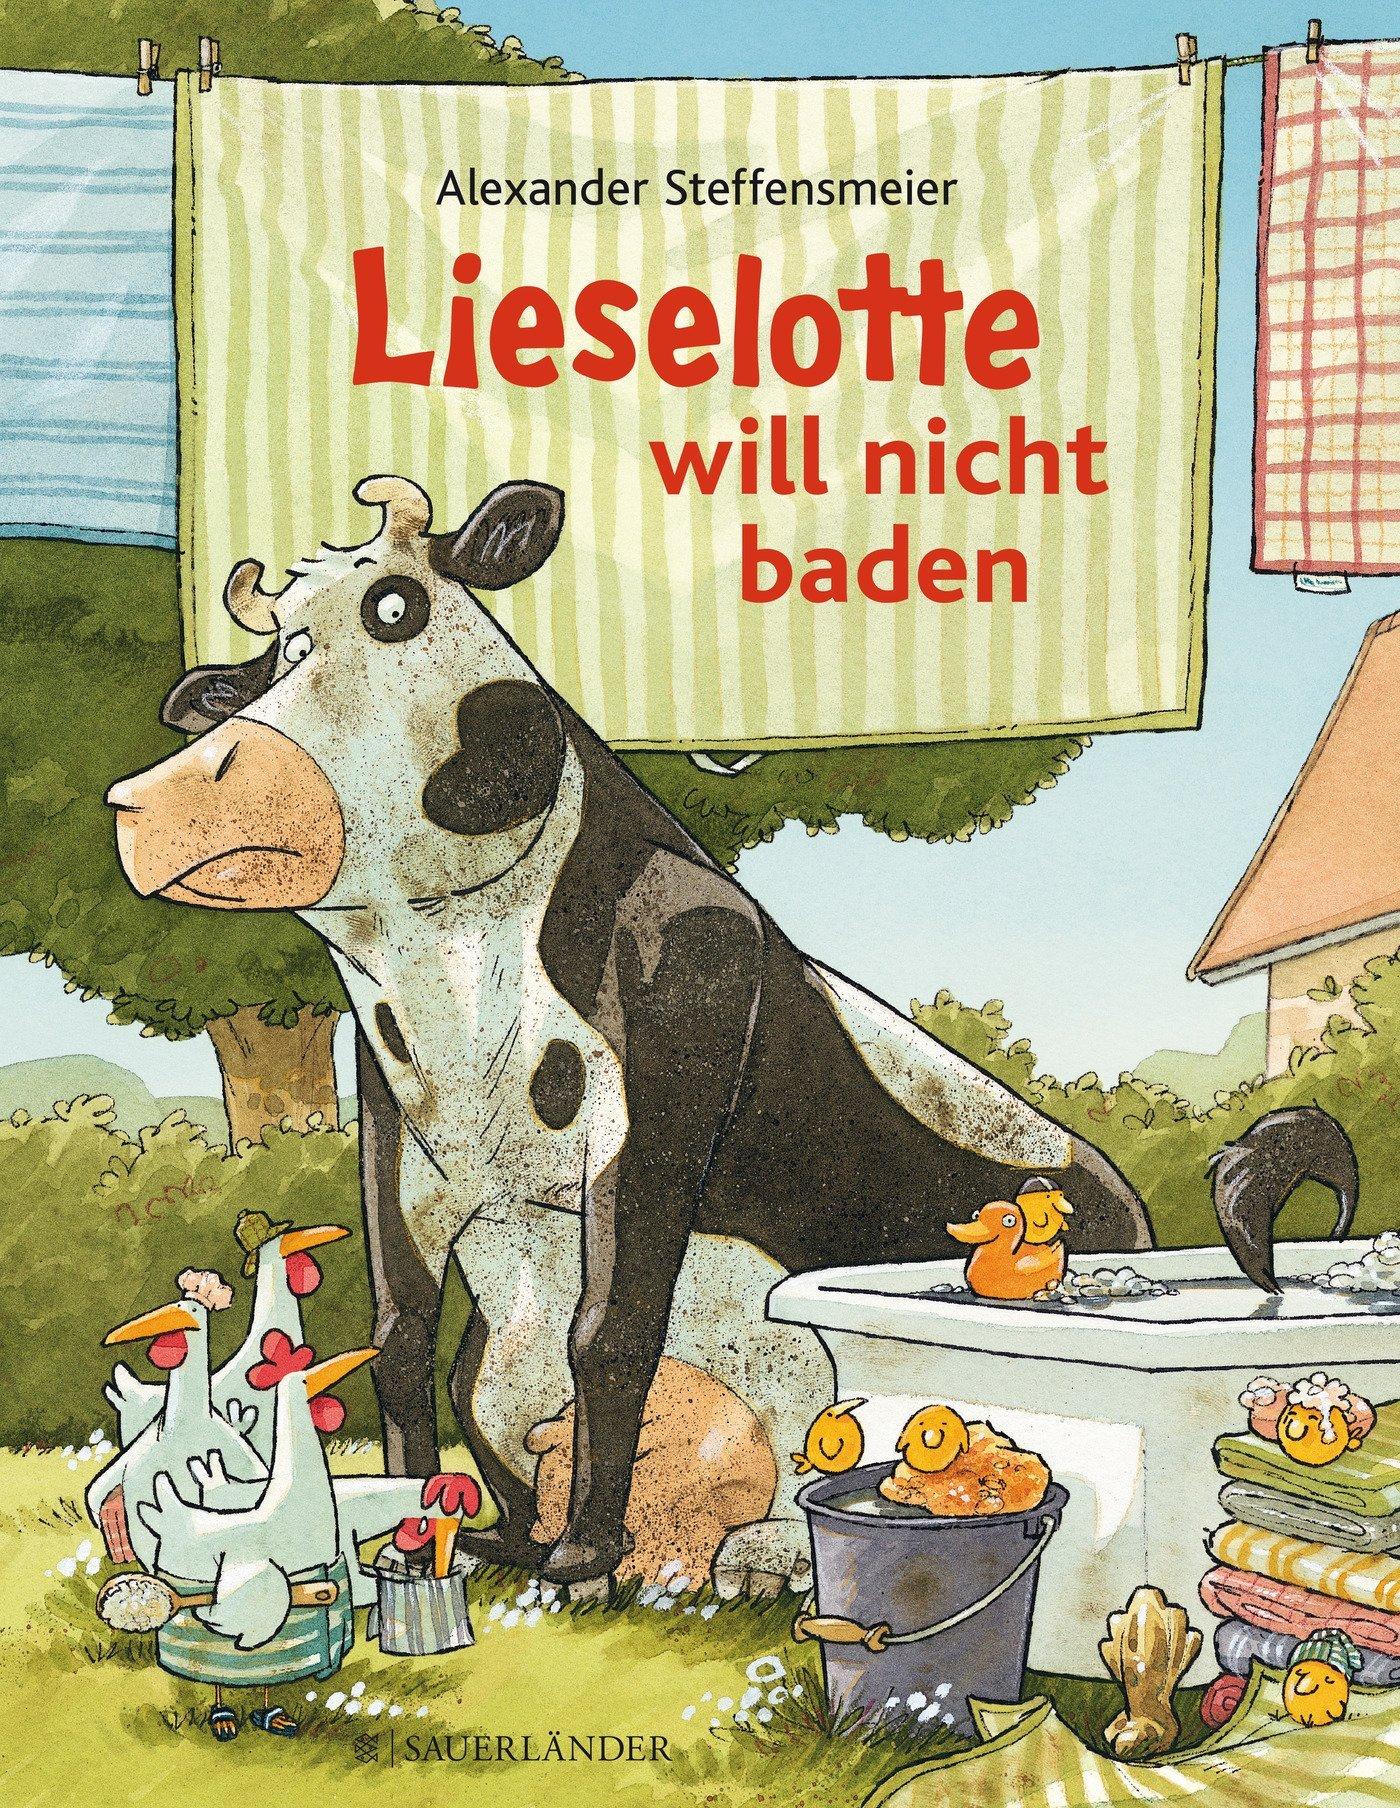 Vorlesestunde in der Stadtbibliothek: Lieselotte will nicht baden